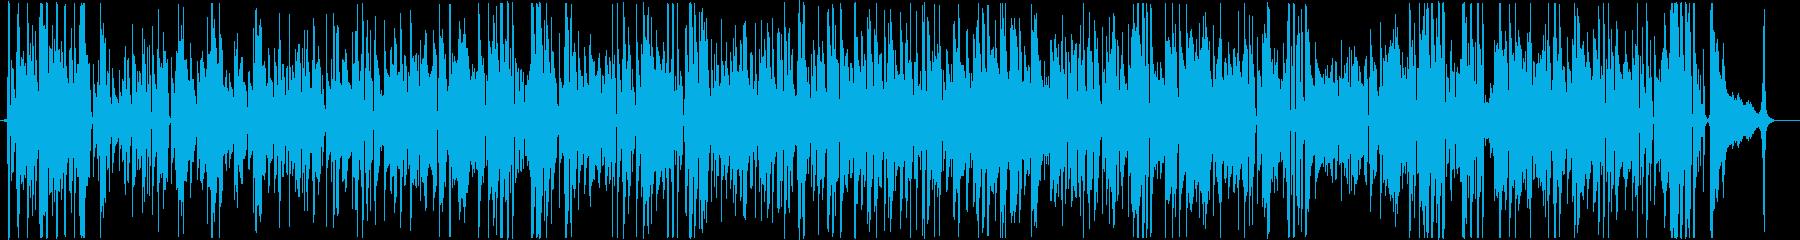 アコースティックでほのぼのとした猫の歌の再生済みの波形